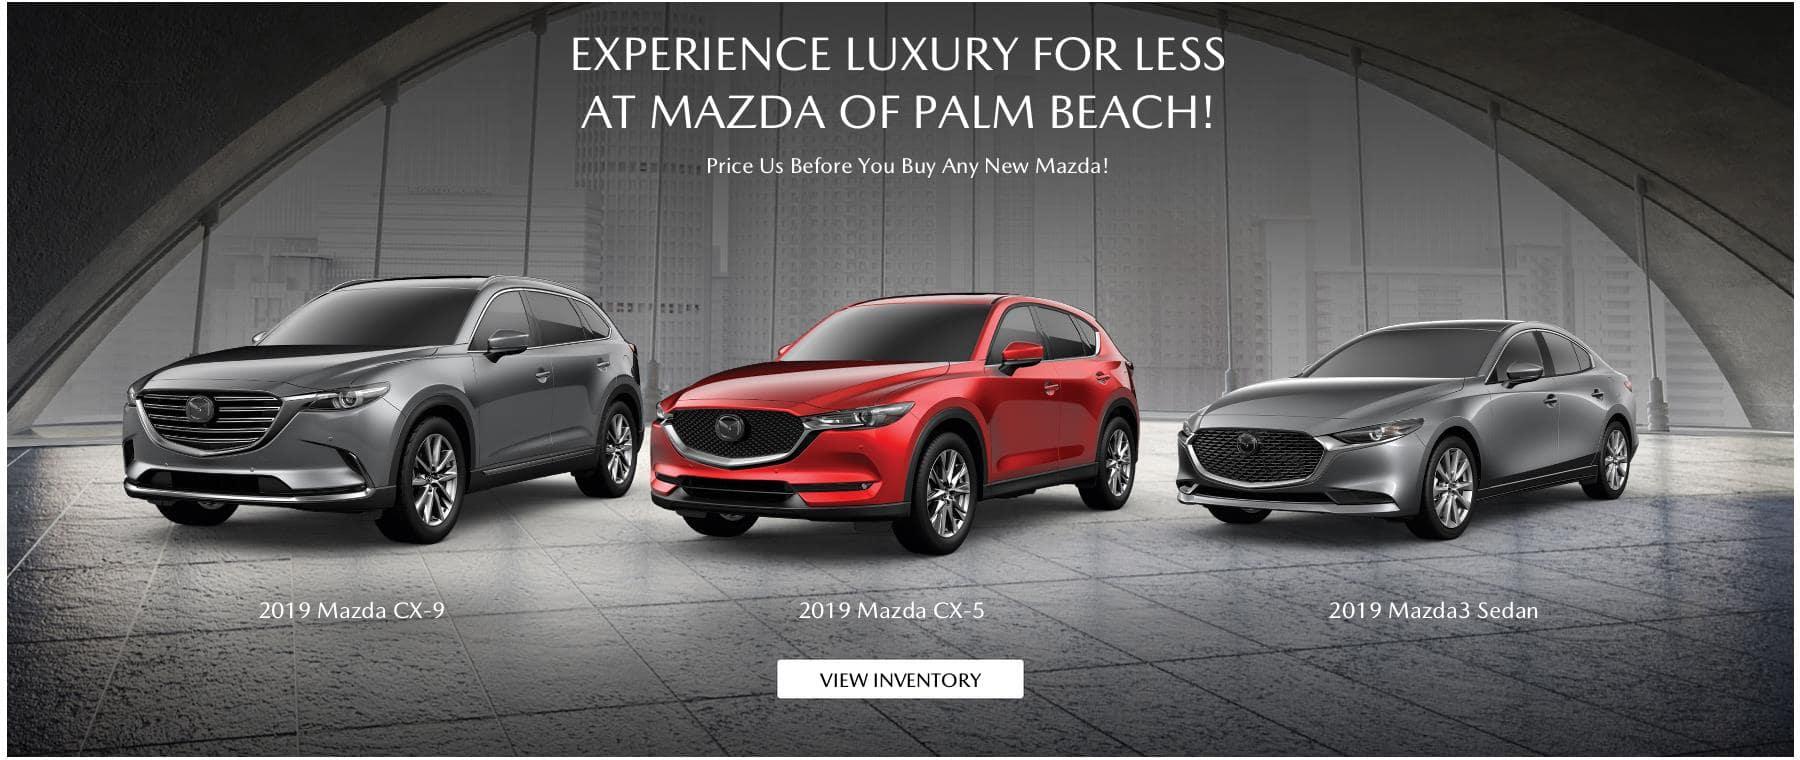 Florida Mazda Dealers >> New Mazda Used Car Dealer In Fl Mazda Of Palm Beach